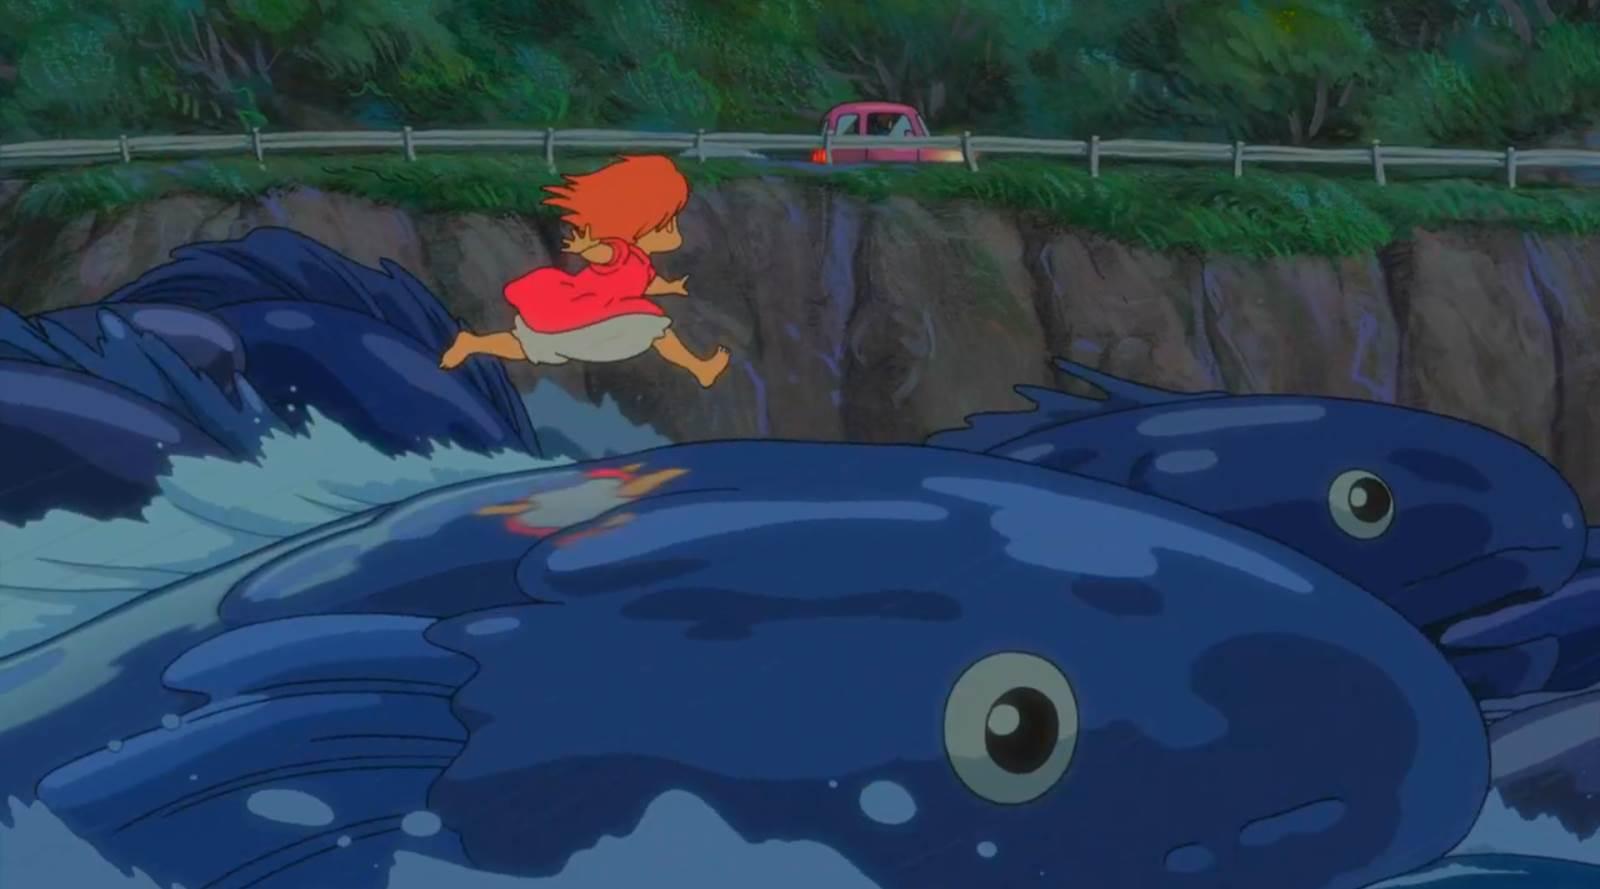 Gake no Ue no Ponyo, Ponyo returning to land